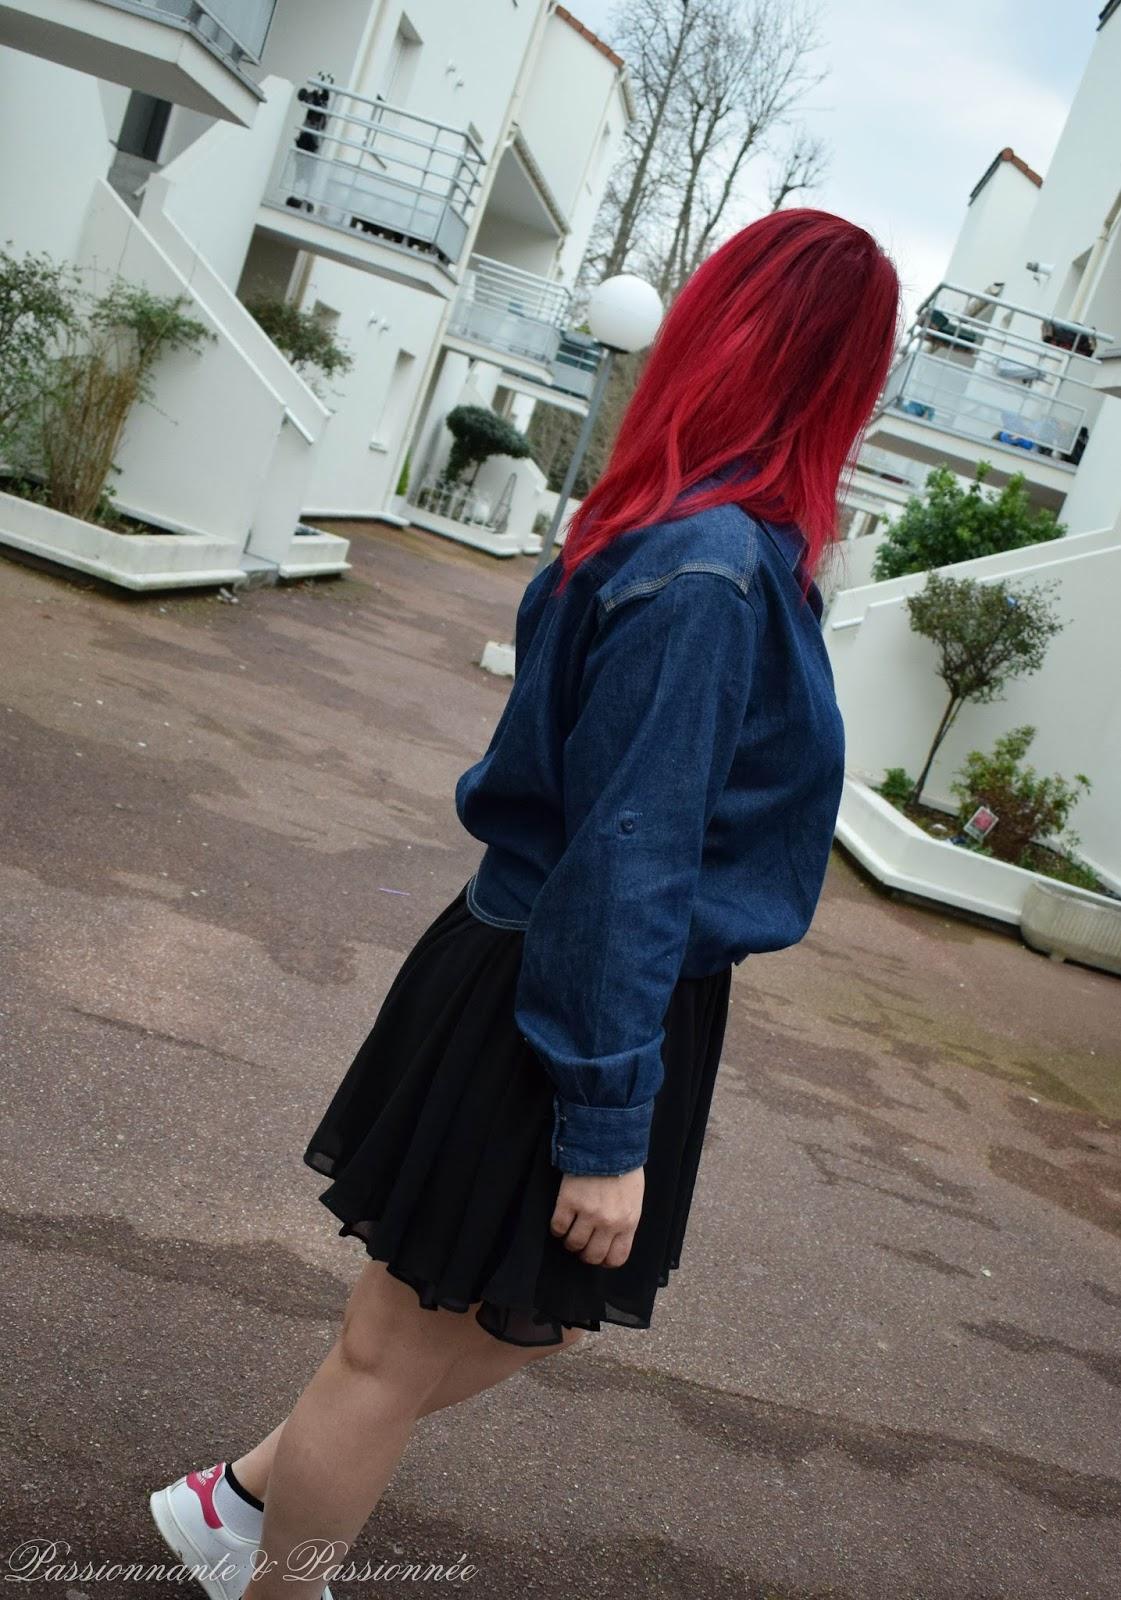 Mes cheveux rouges